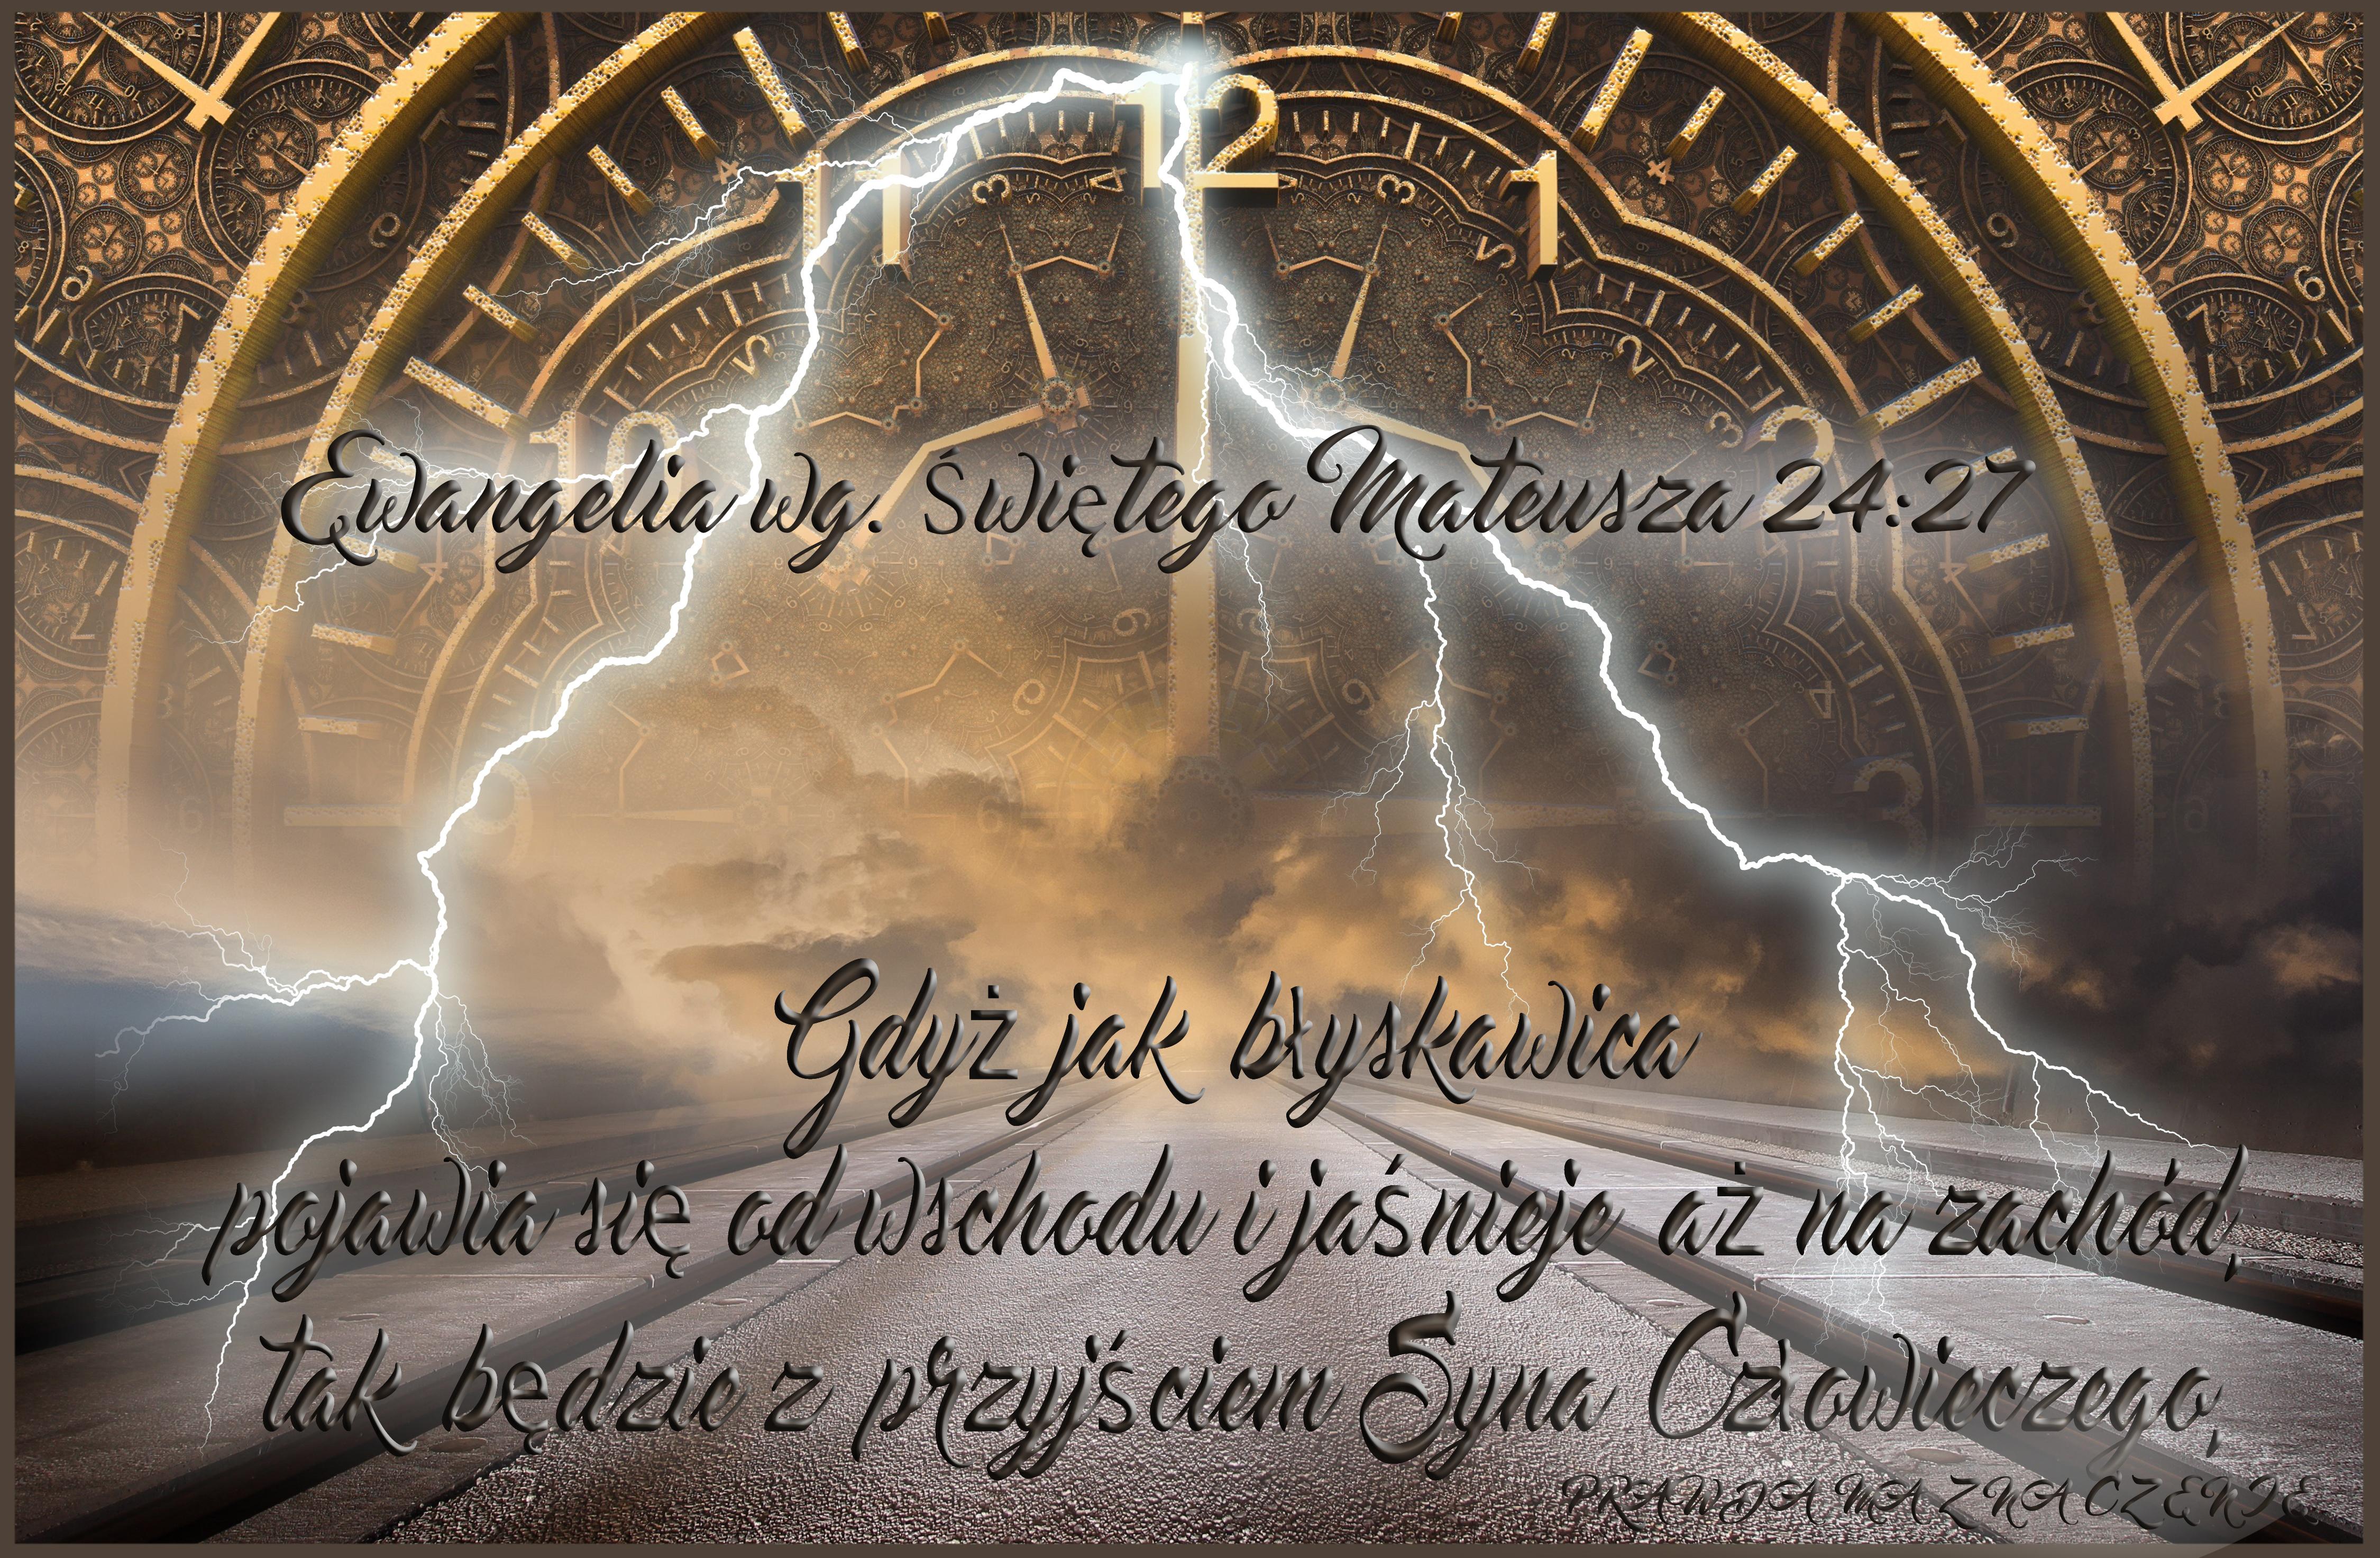 MATEUSZ 24 27